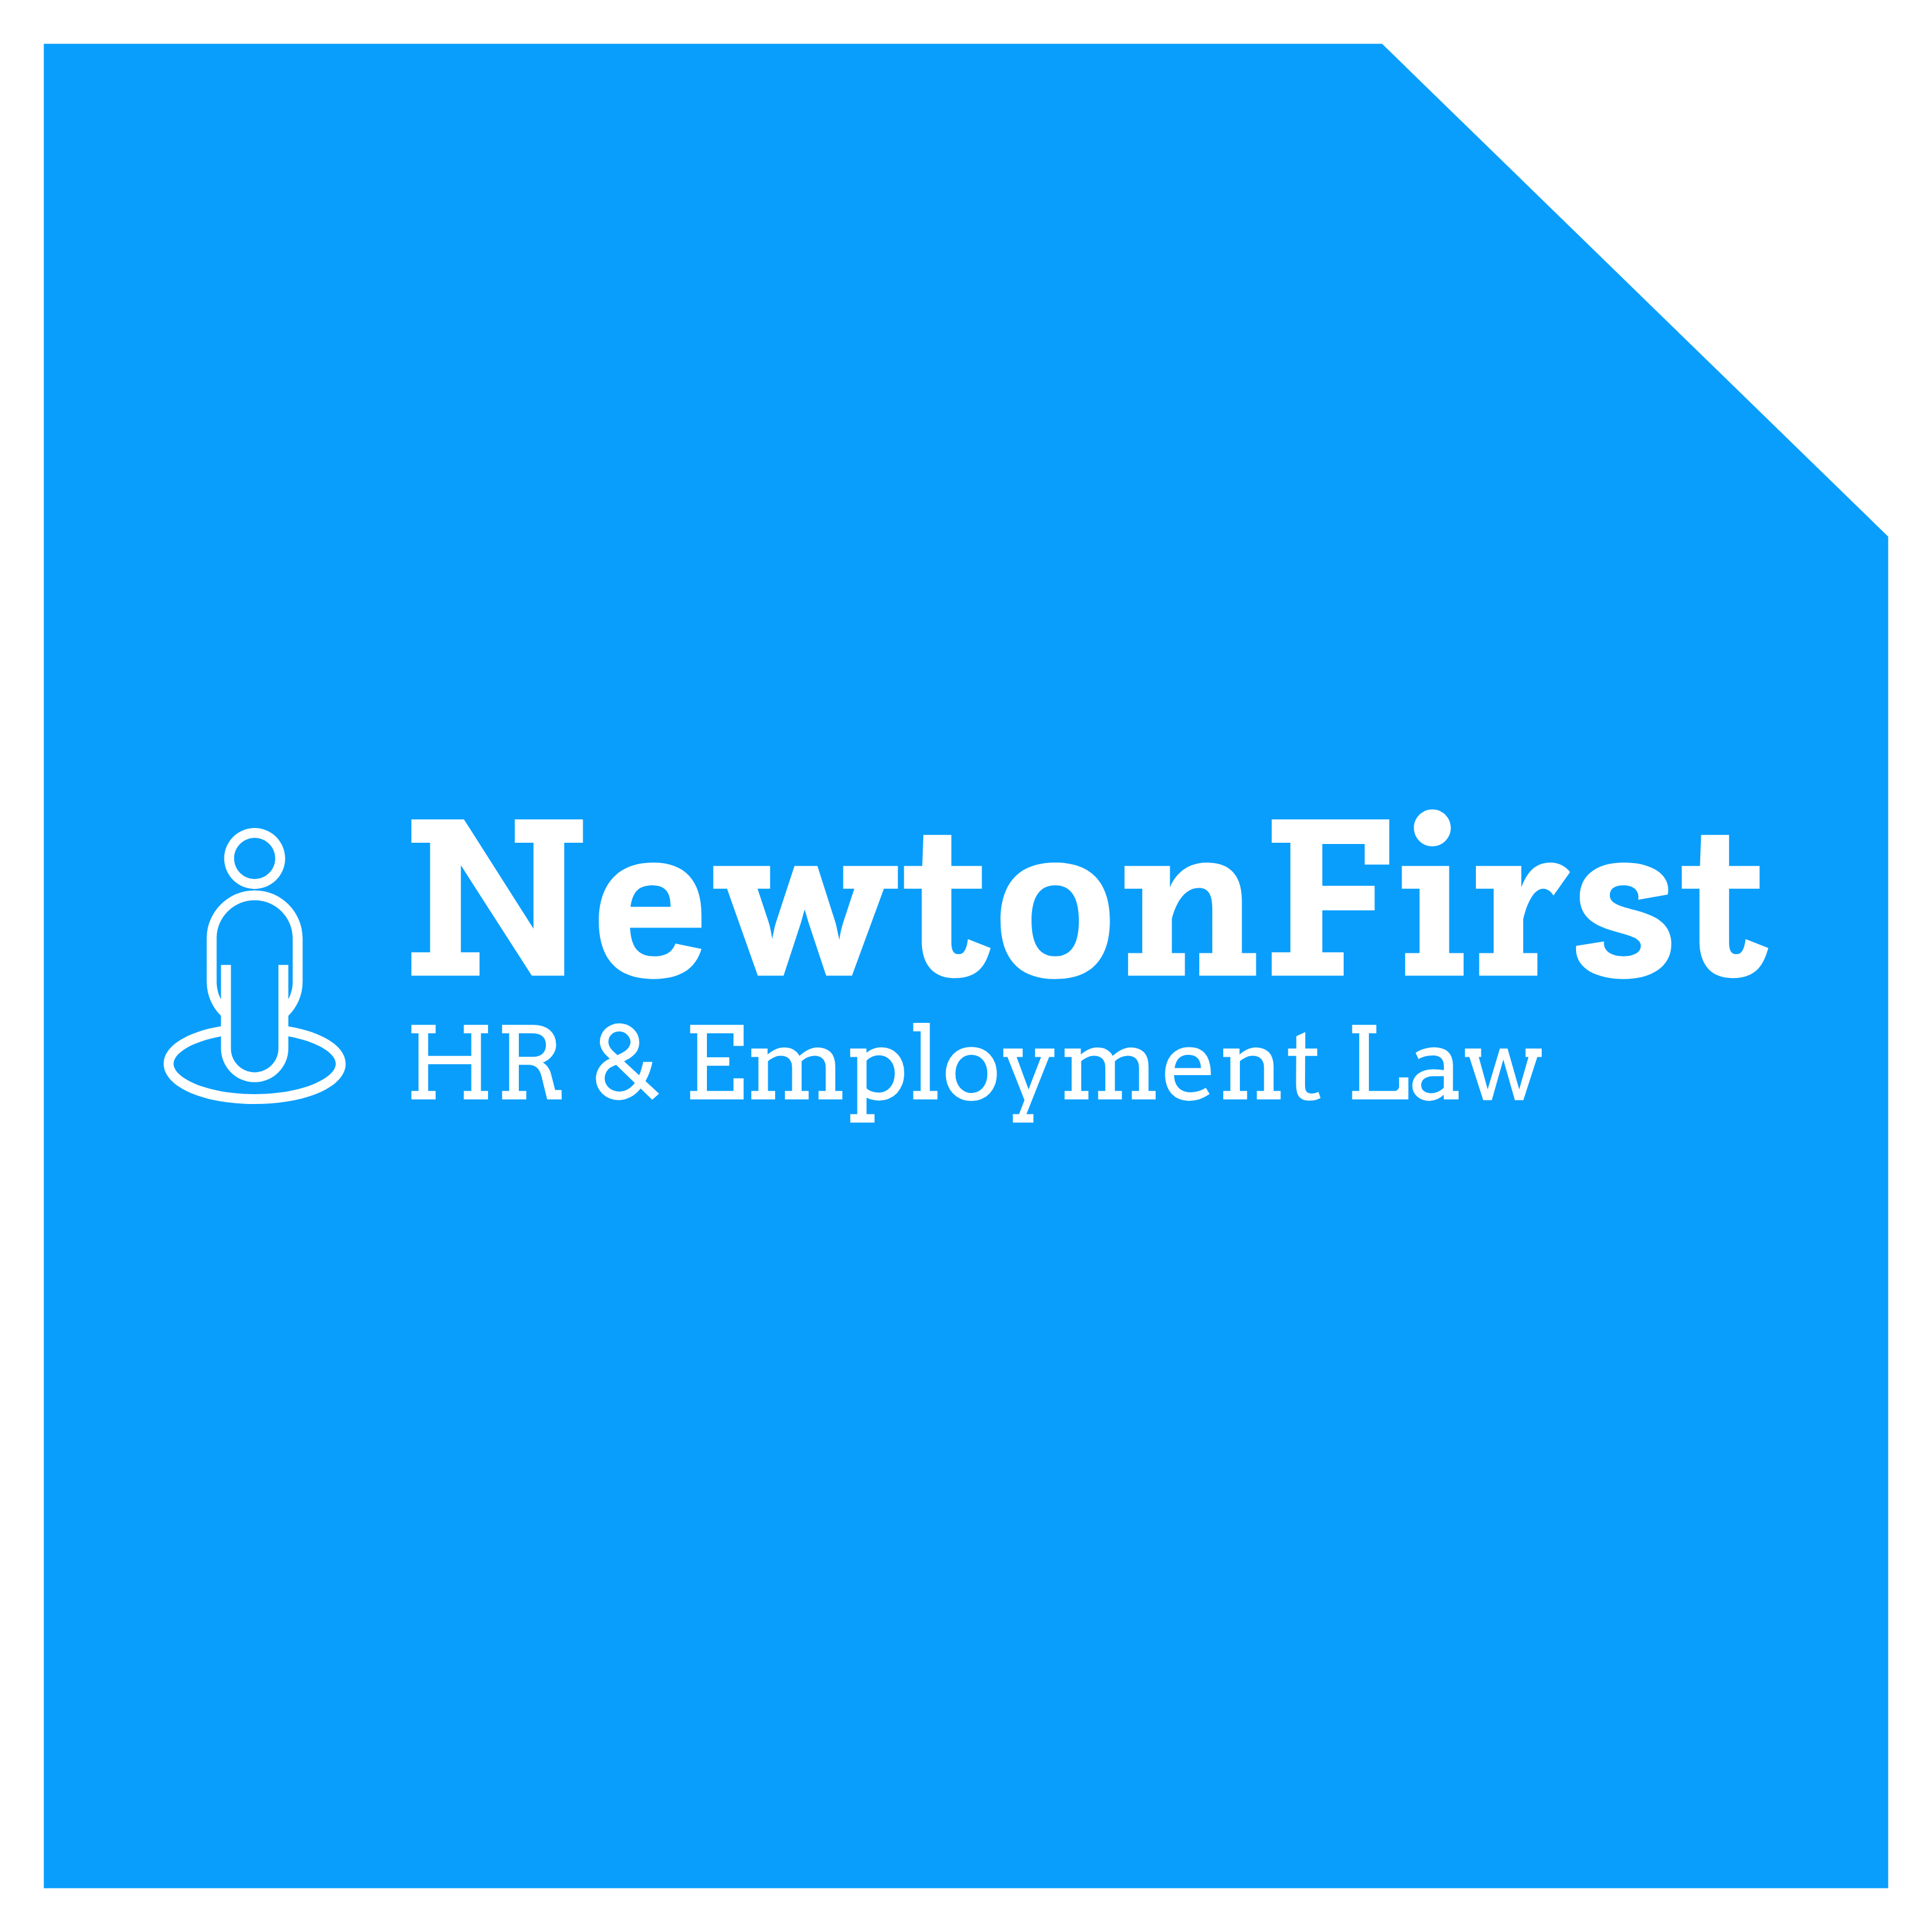 newtonfirst_blue